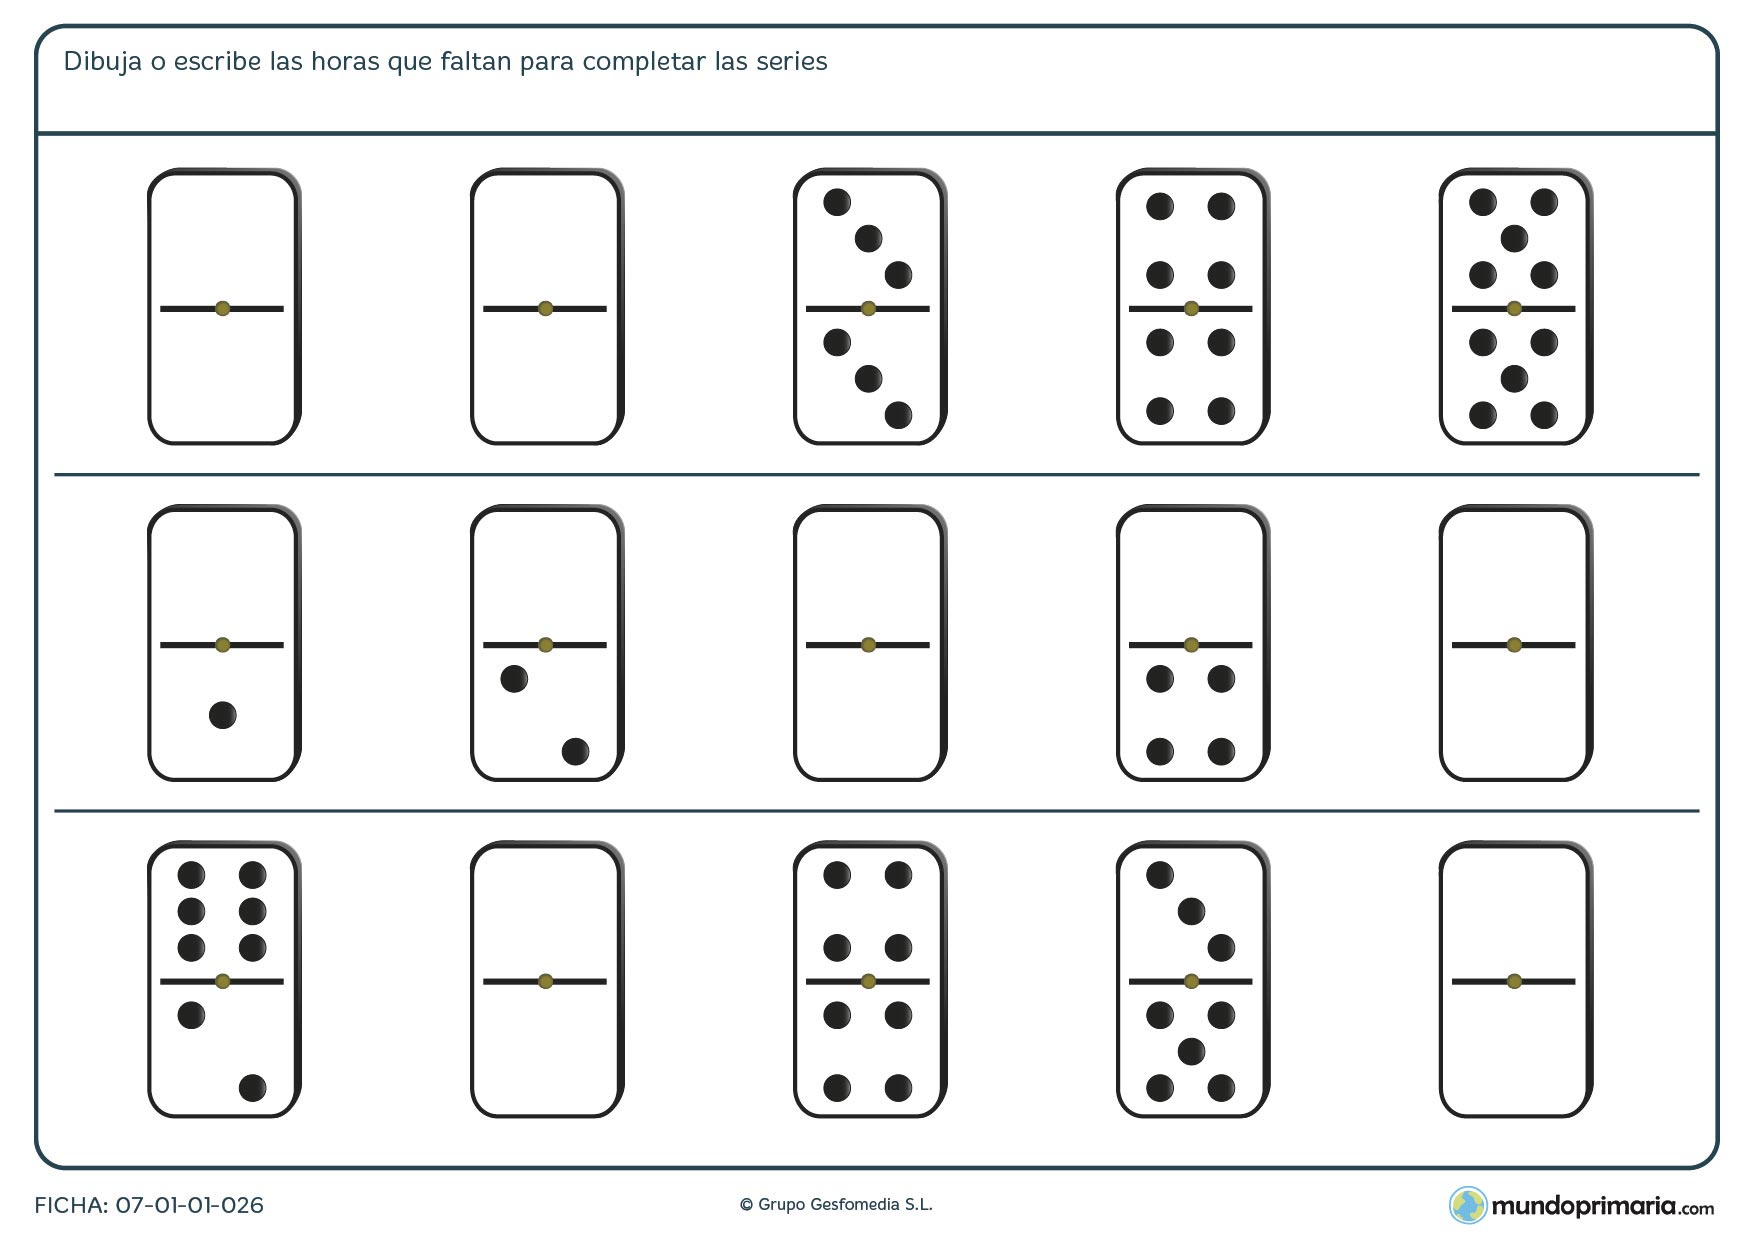 Ficha de completar series de dominó para que queden de modo lógico.